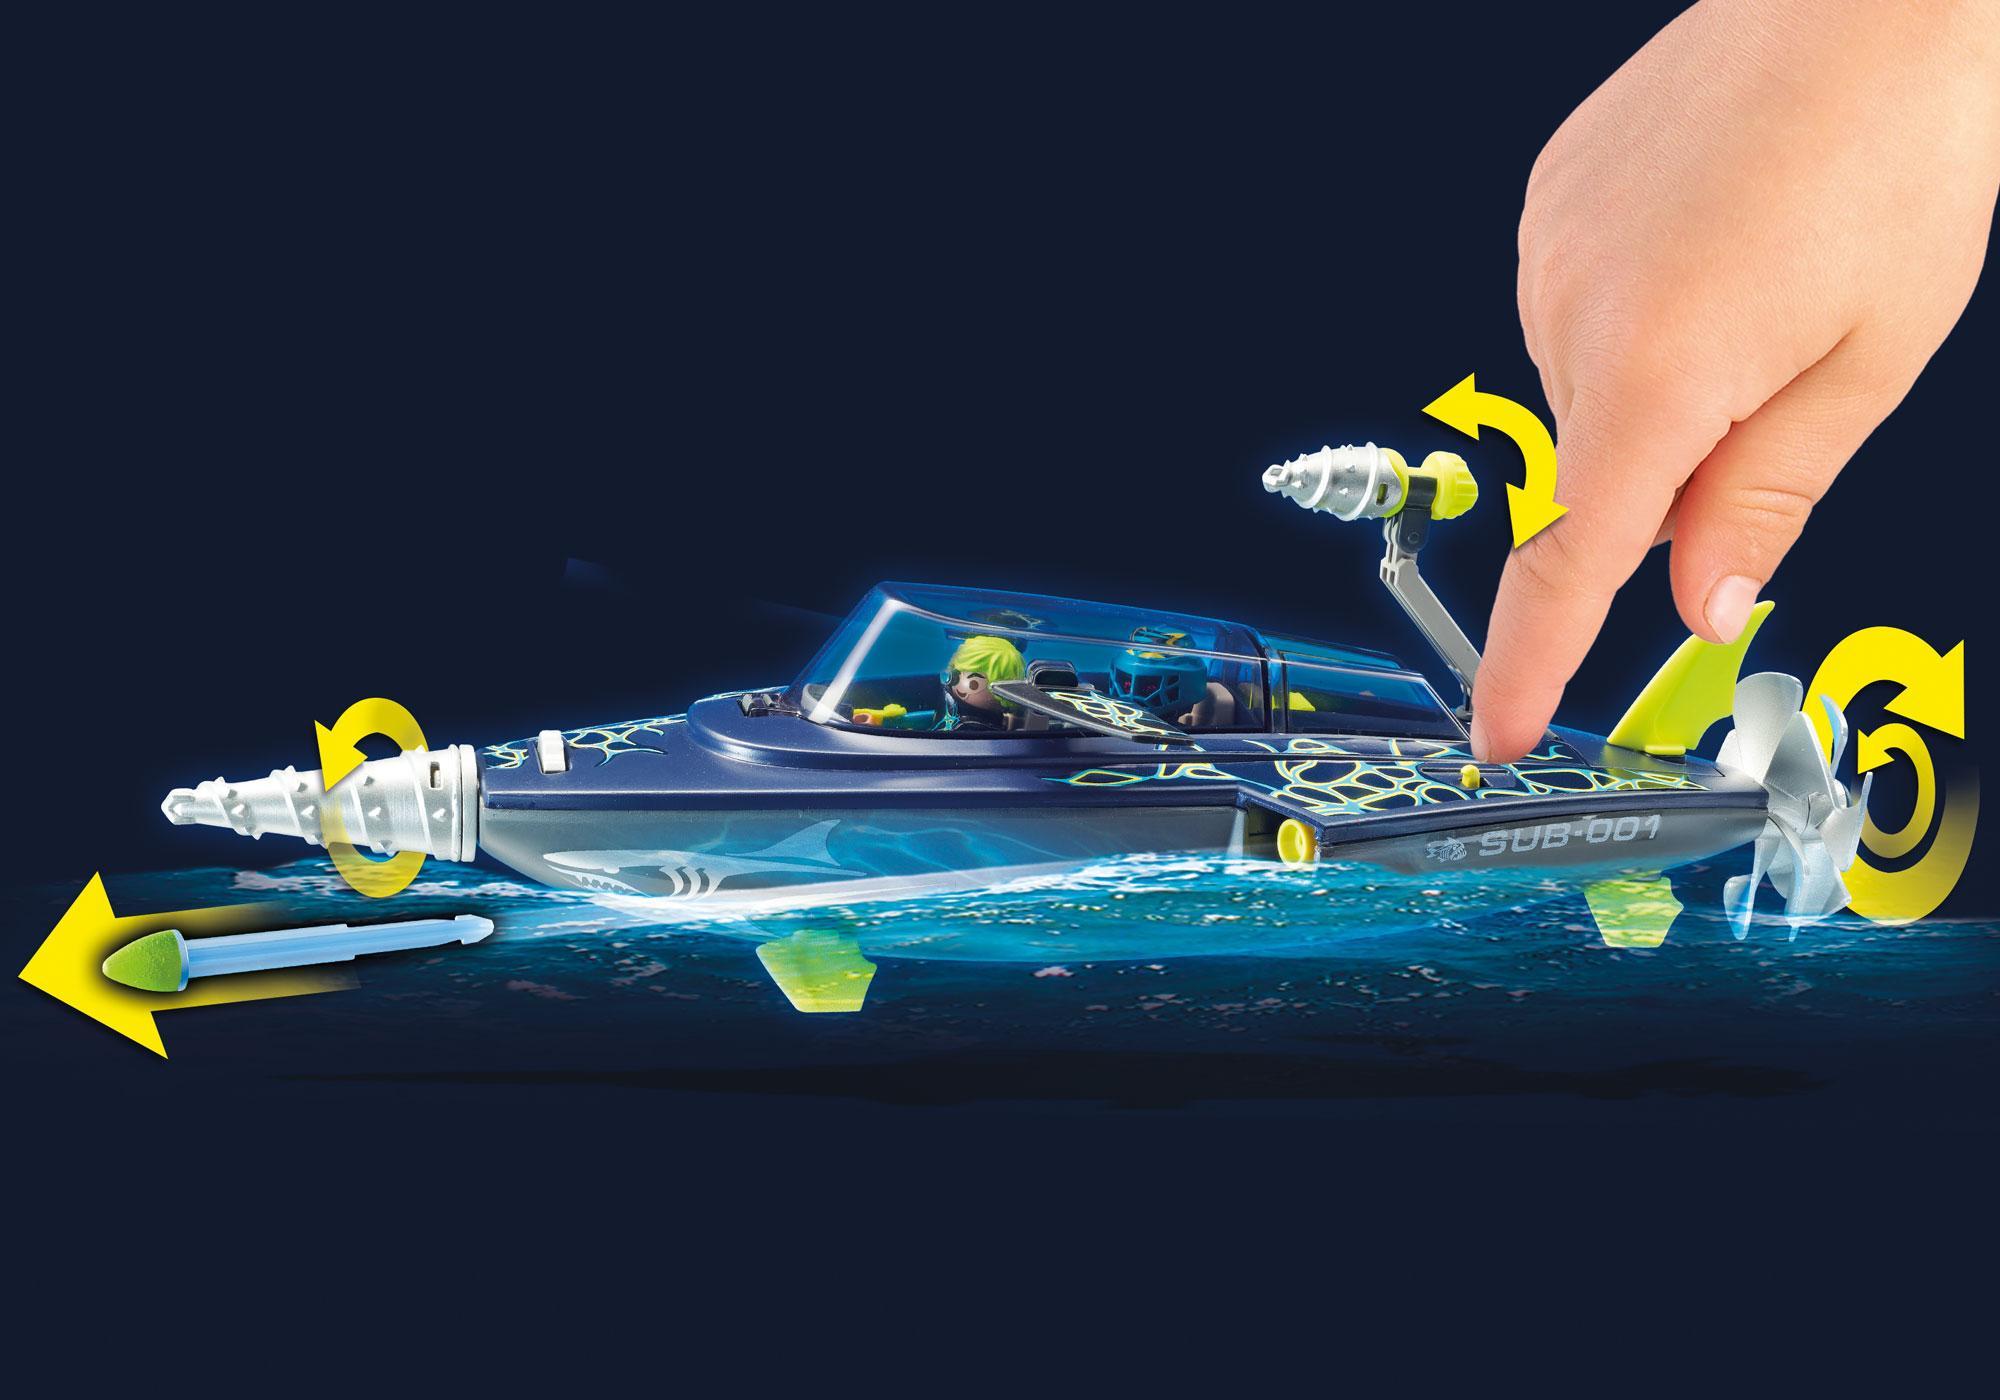 http://media.playmobil.com/i/playmobil/70005_product_extra1/Sottomarino da assalto del Team S.H.A.R.K.